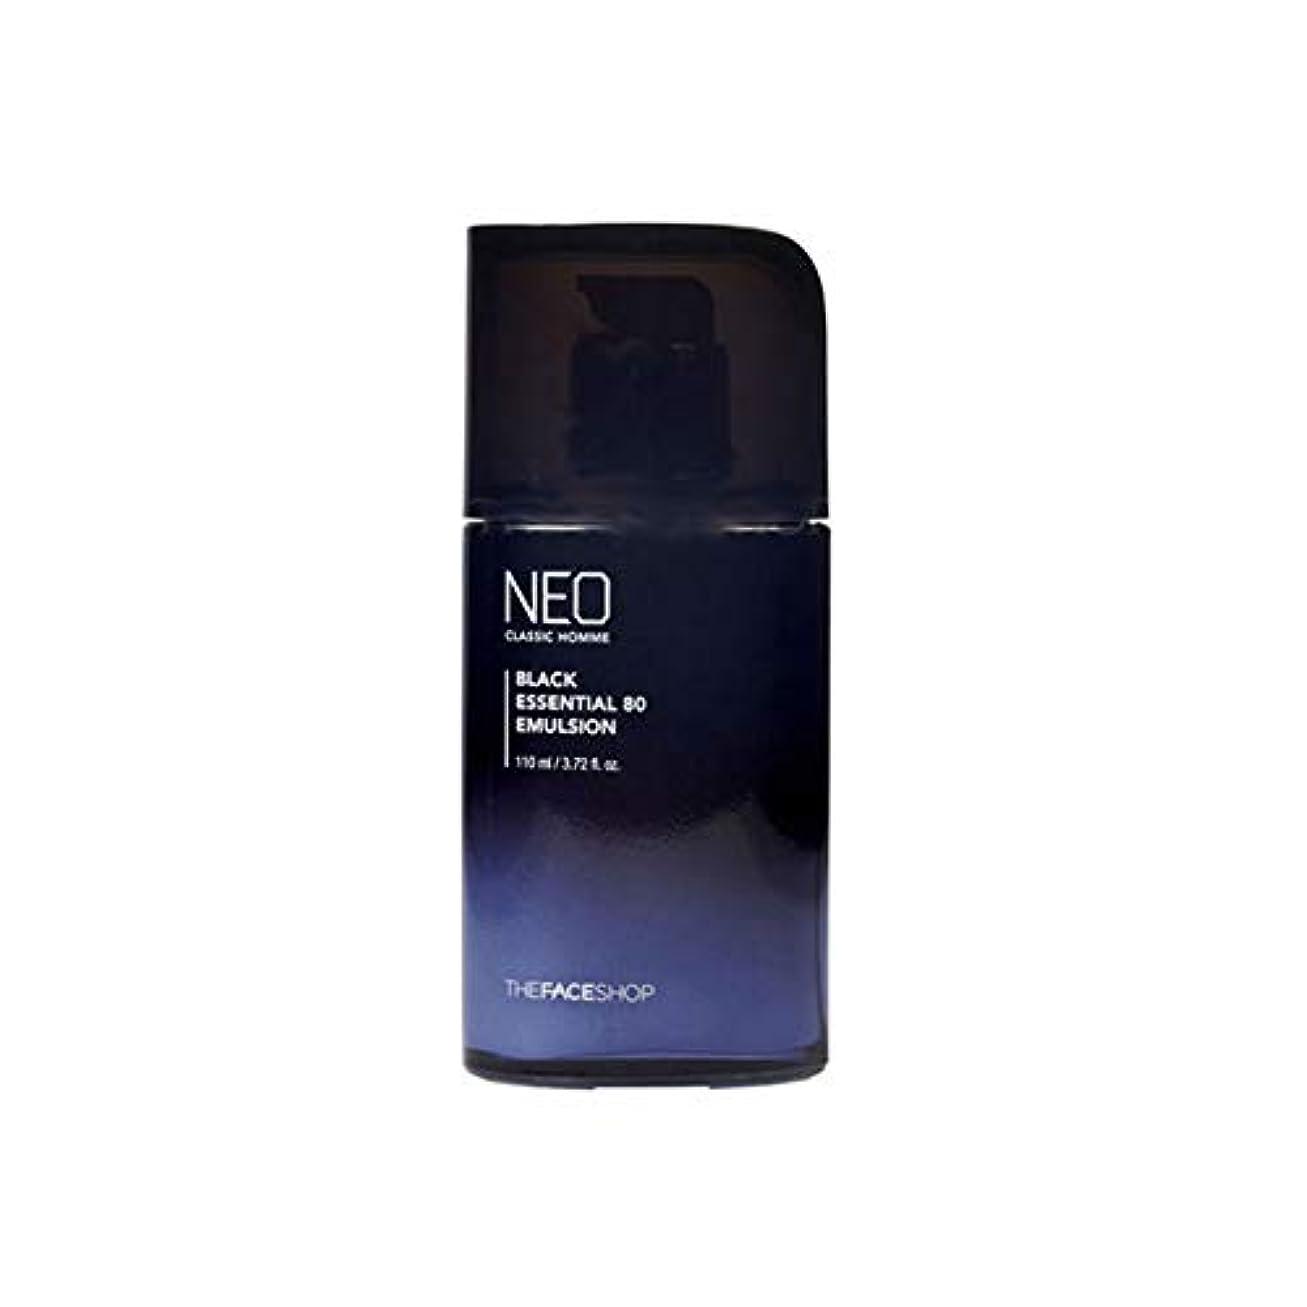 サイズアーチ正午[ザフェイスショップ ]The Face shop ネオ クラシック オム ブラック エッセンシャル 80 エマルジョン110ml Neo Classic Homme Black Essential 80 Emulsion...